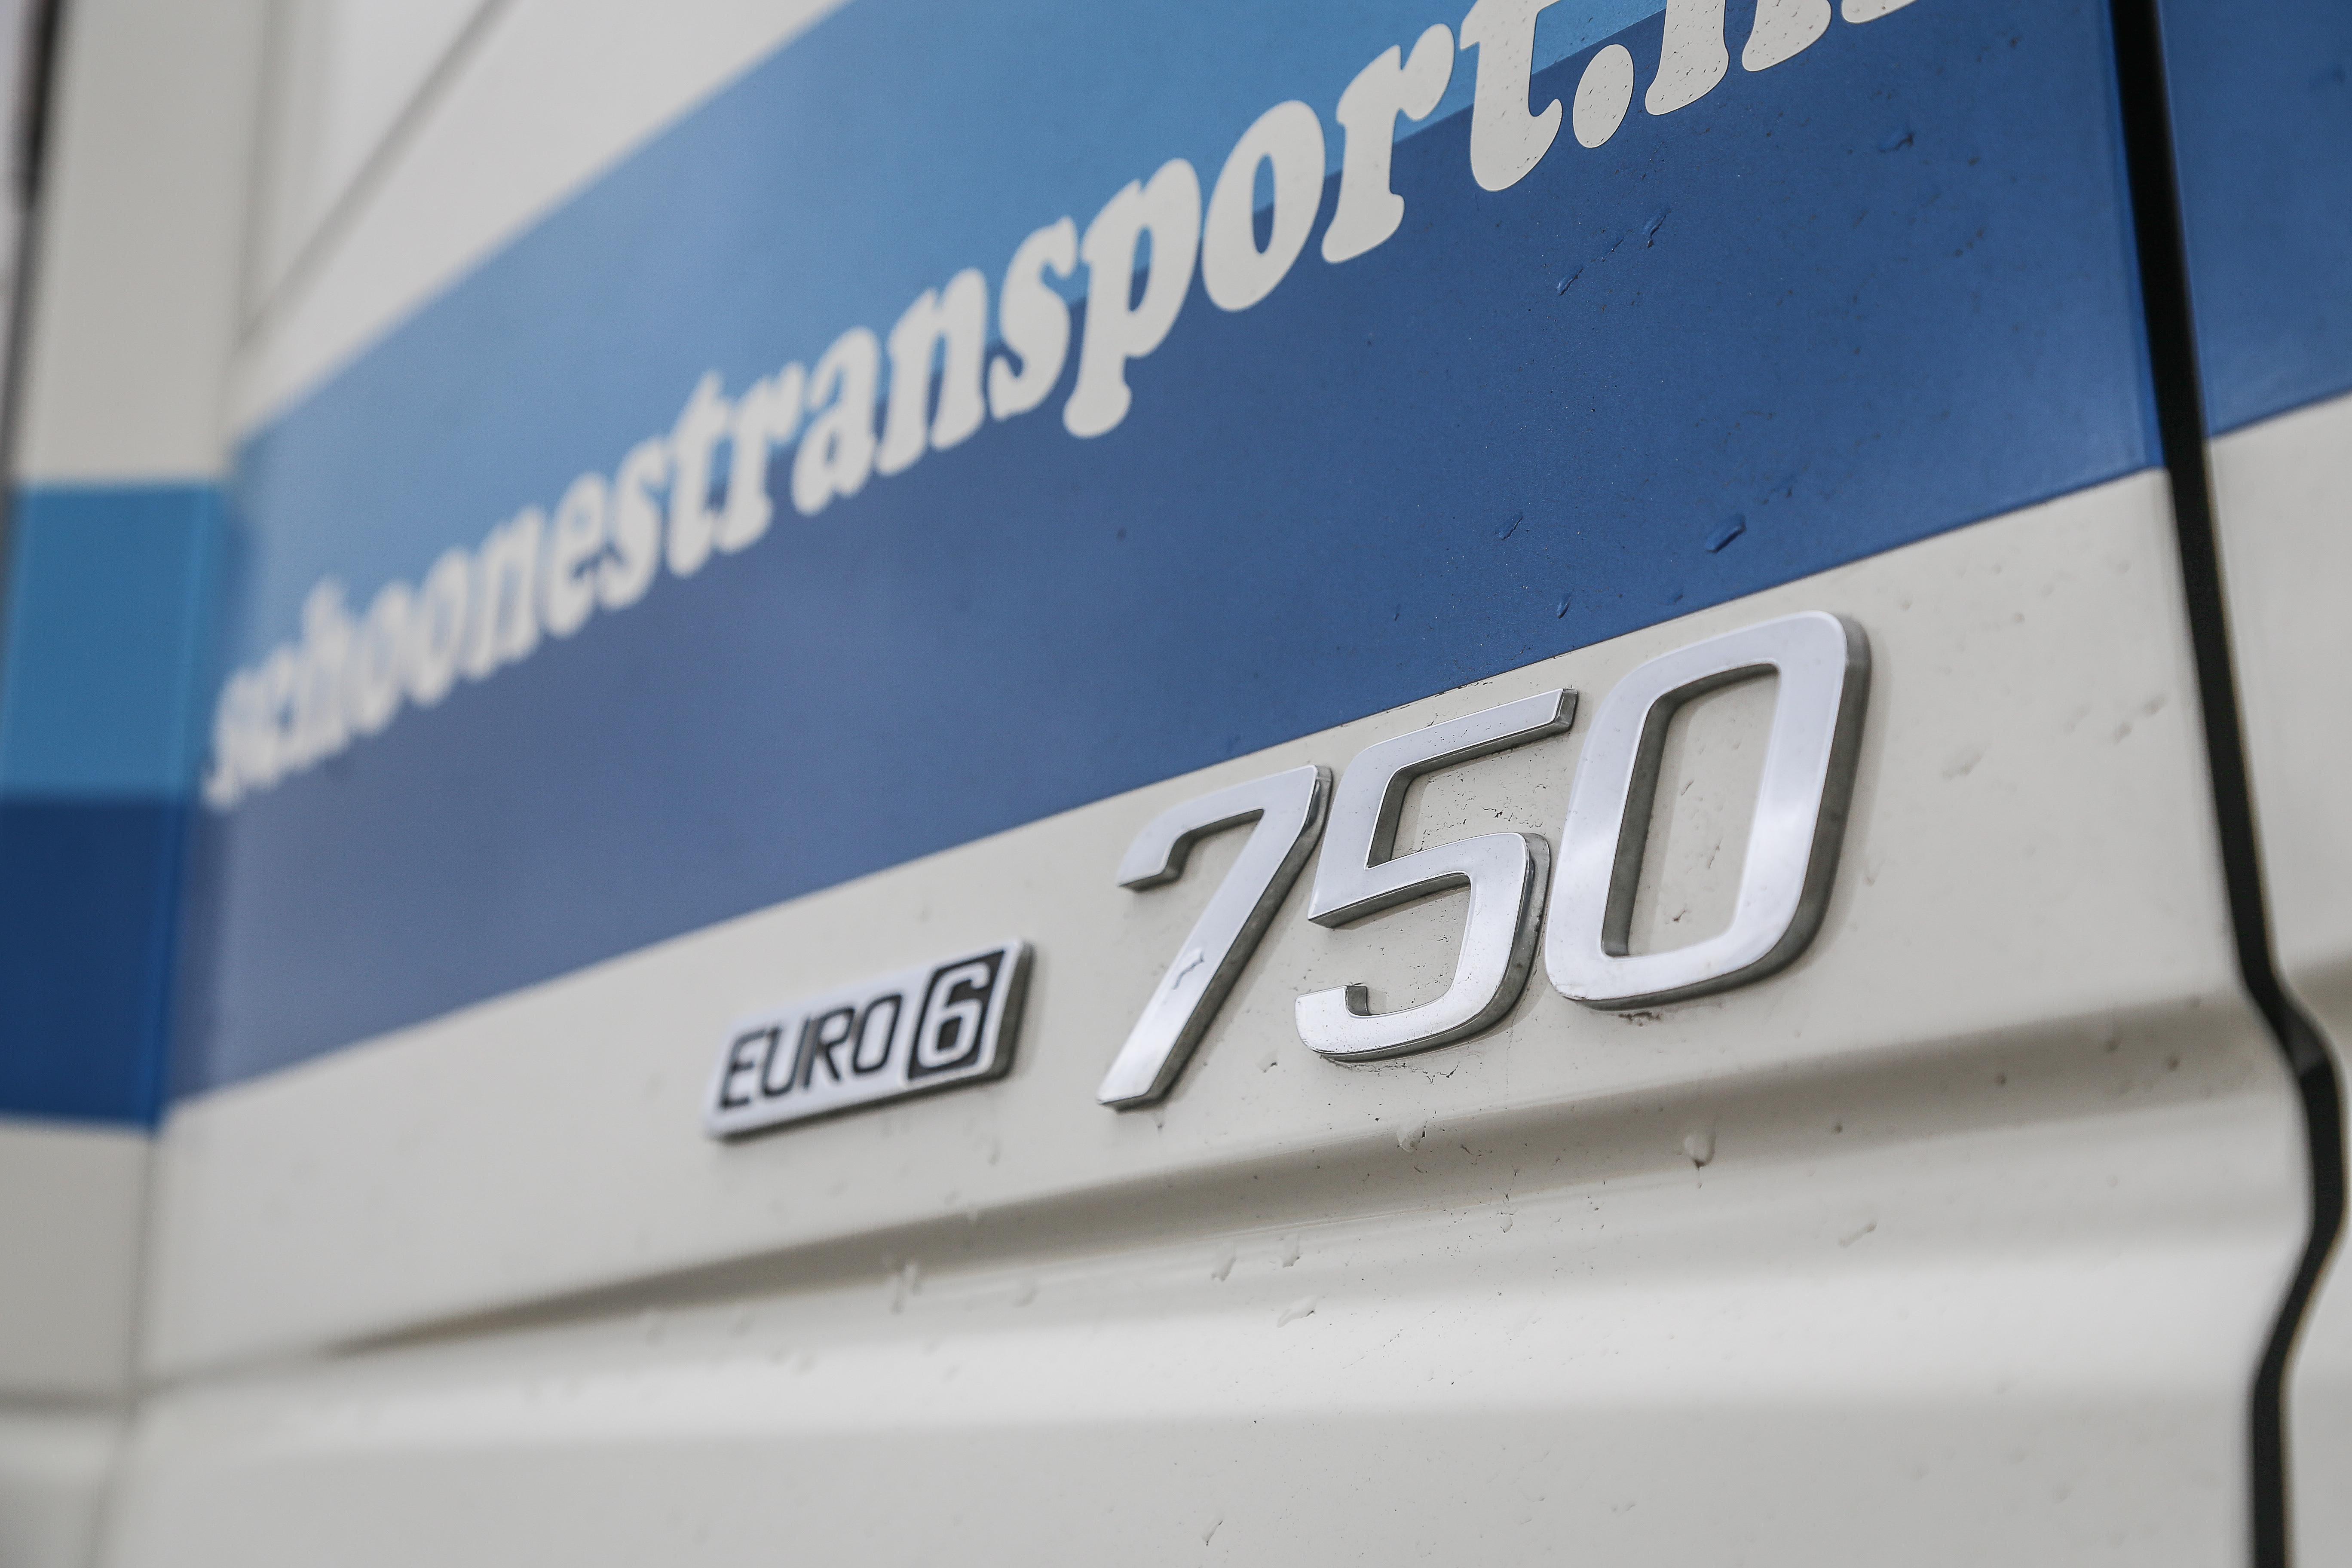 <p>De 16-litermotor met 750 pk is een geweldenaar. &#8216;Hij gaat maar door&#8217;, zegt chauffeur Patrick. In dit werk is het vermogen niet overdreven.</p>